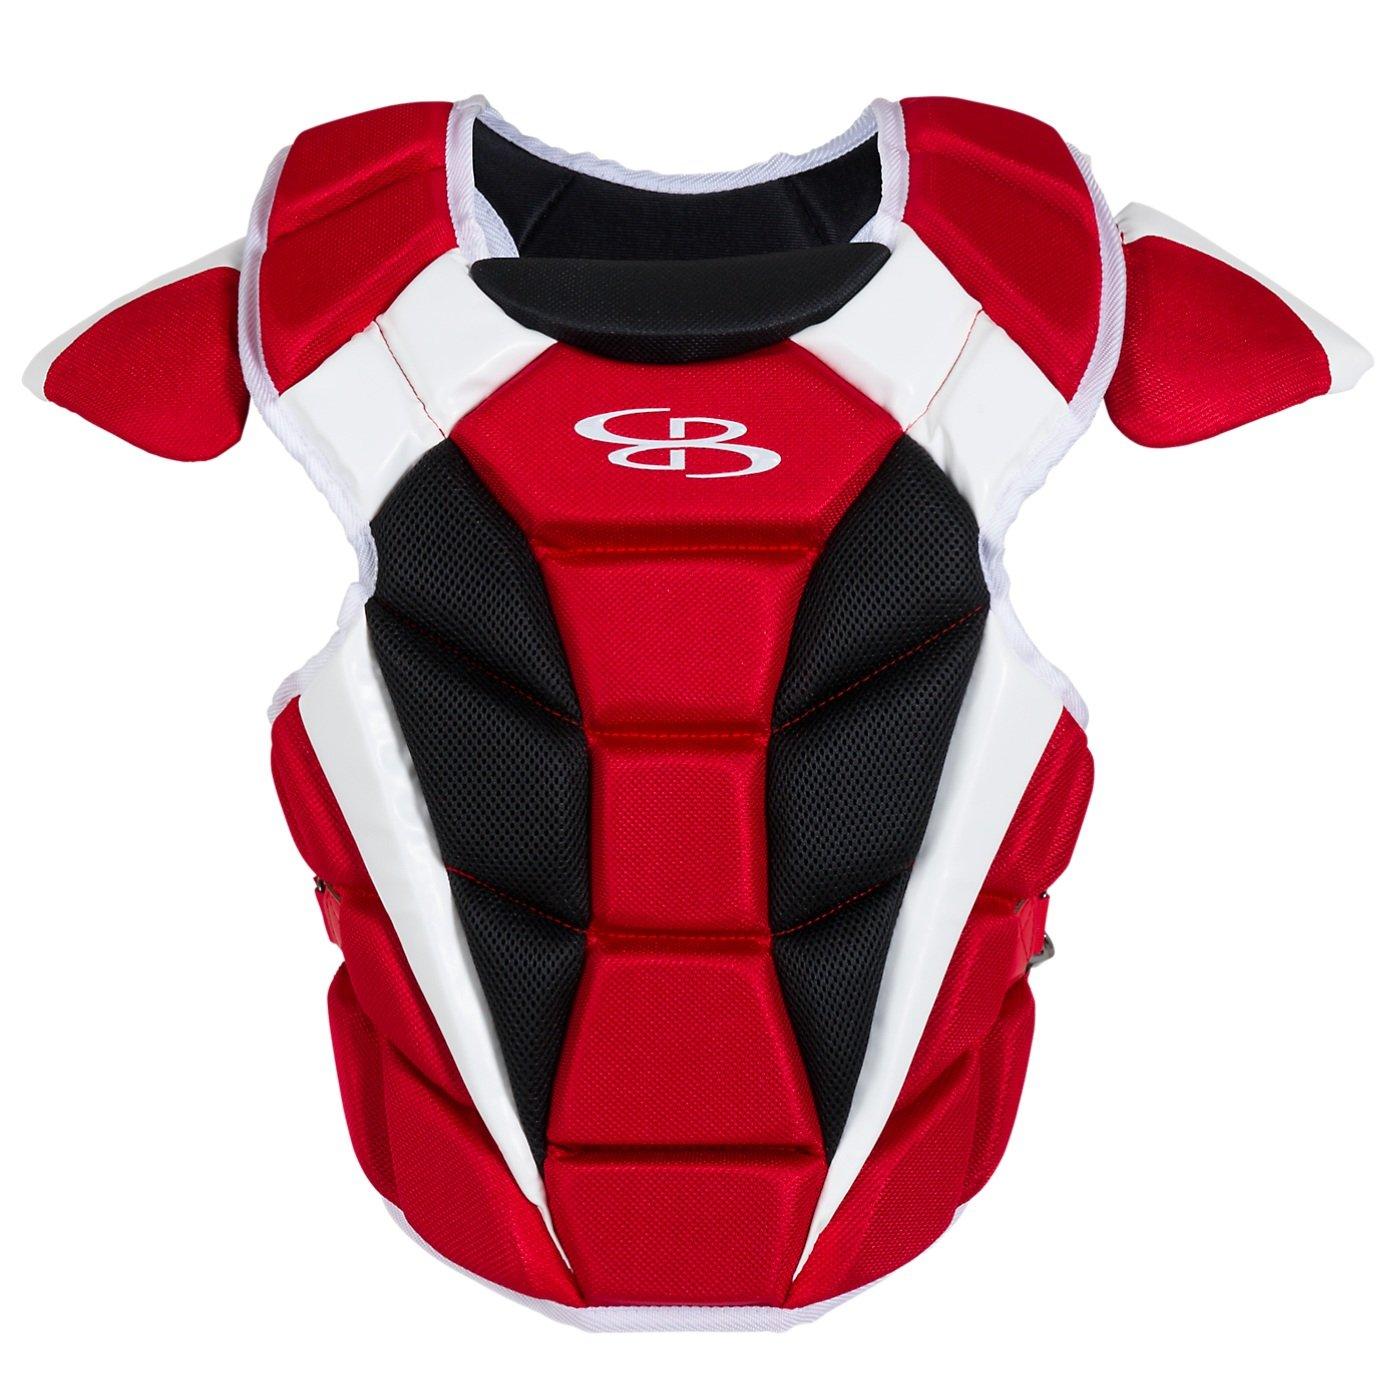 Boombah Defconメンズ野球/ソフトボール胸プロテクター – 複数色 – 複数のサイズ B01NACUCM5 Adult-16.5